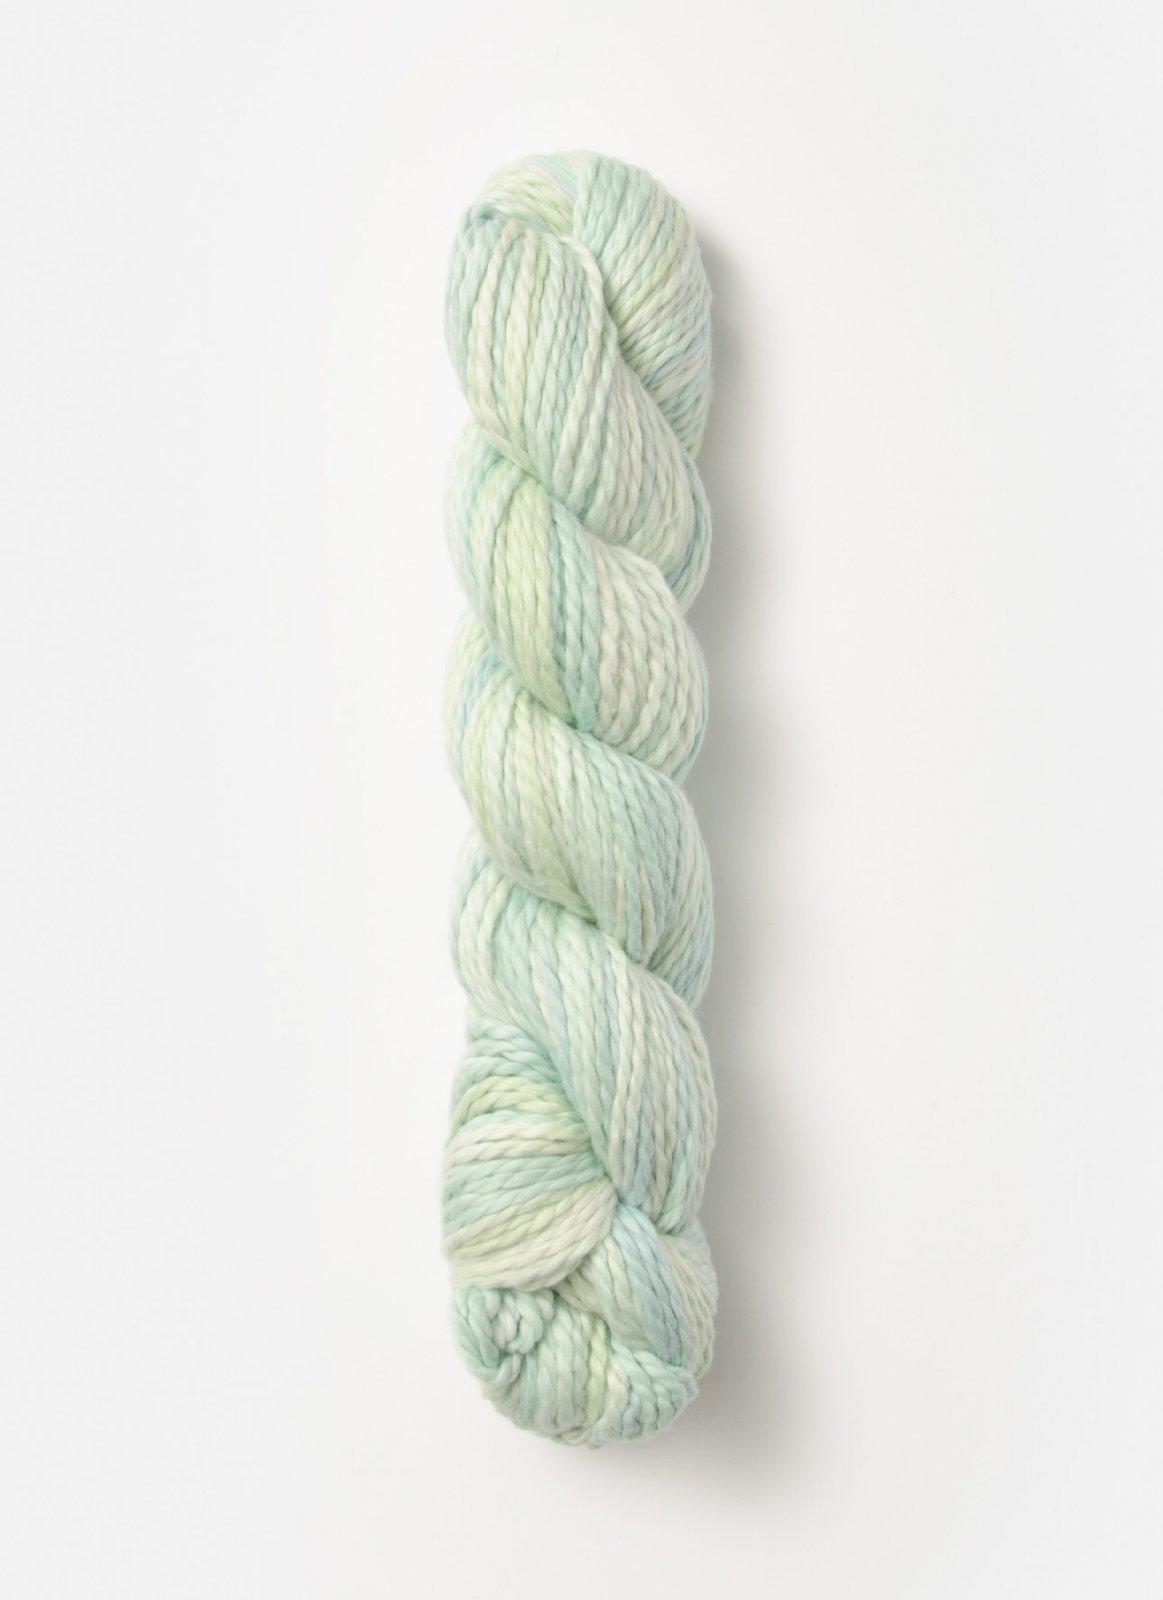 Blue Sky Fibers Organic Cotton (Multi)- Spearmint